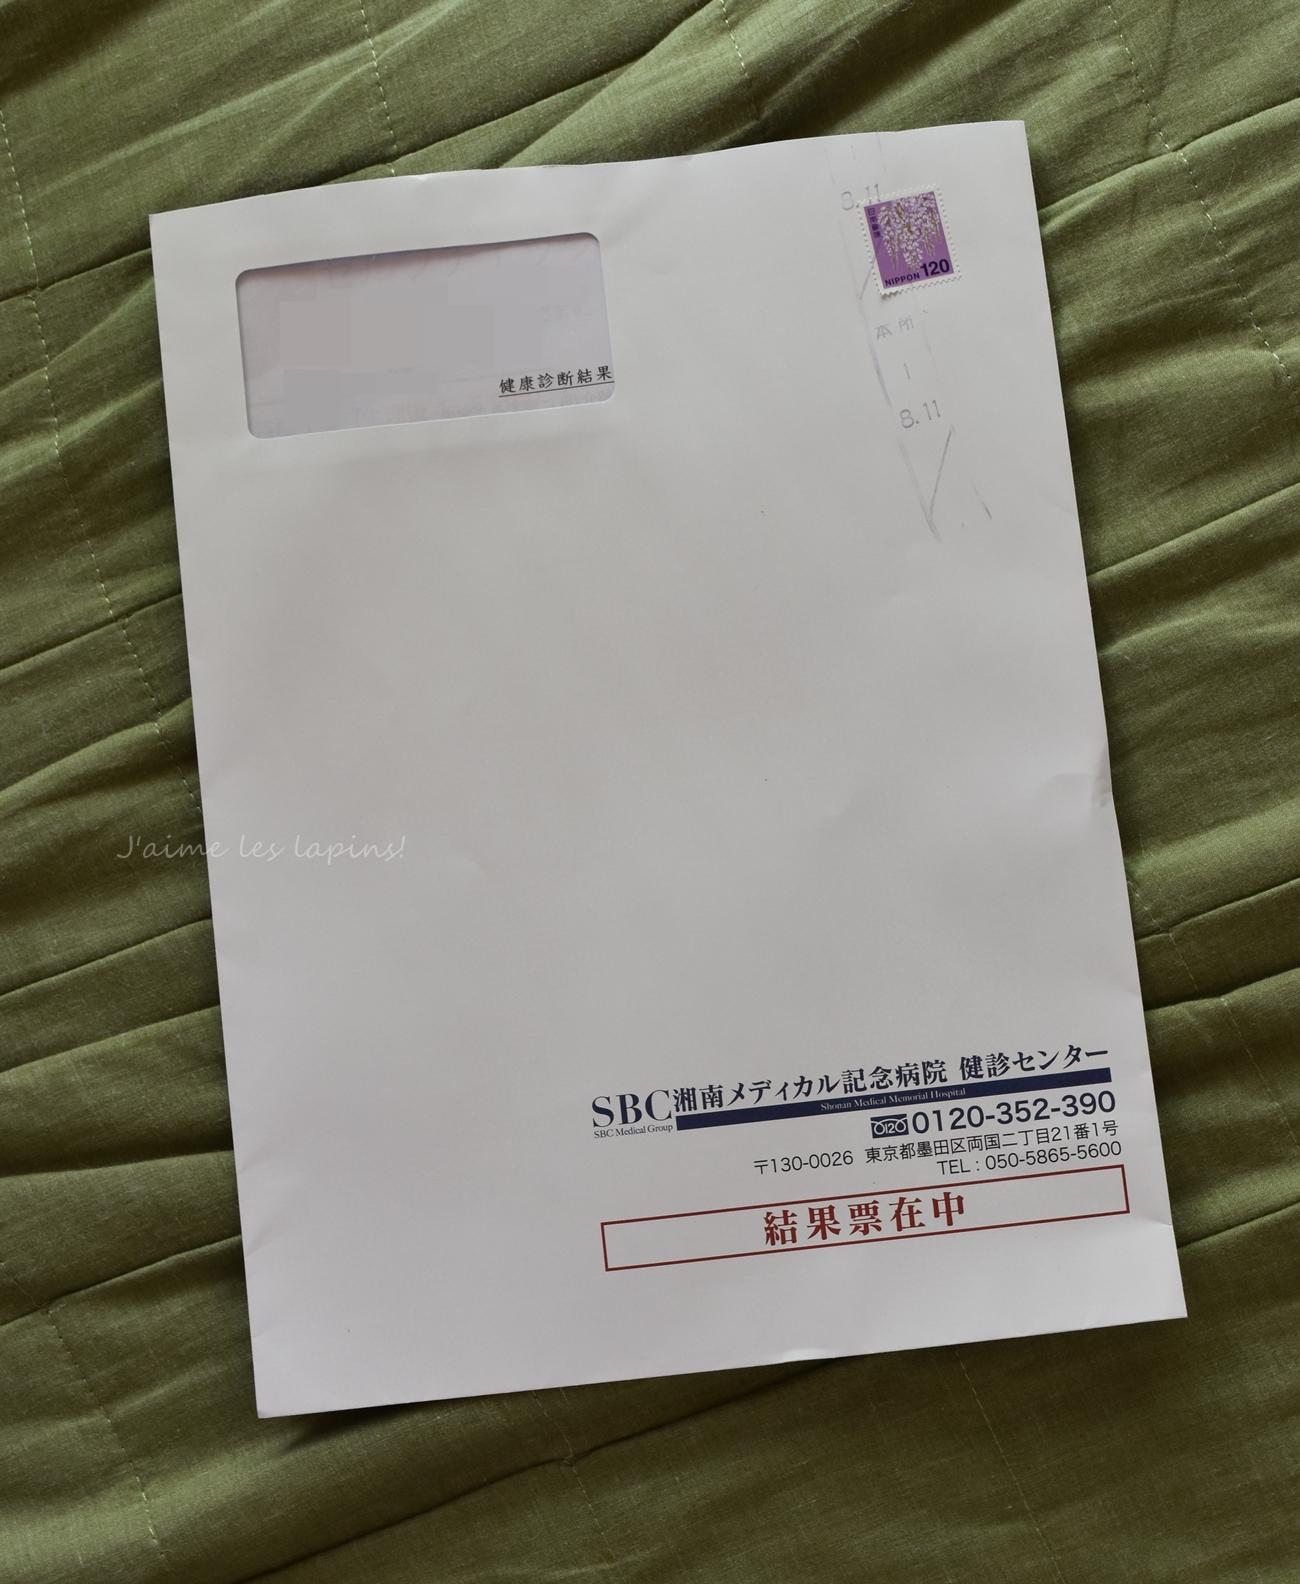 乳がん検診湘南メディカル記念病院から郵送